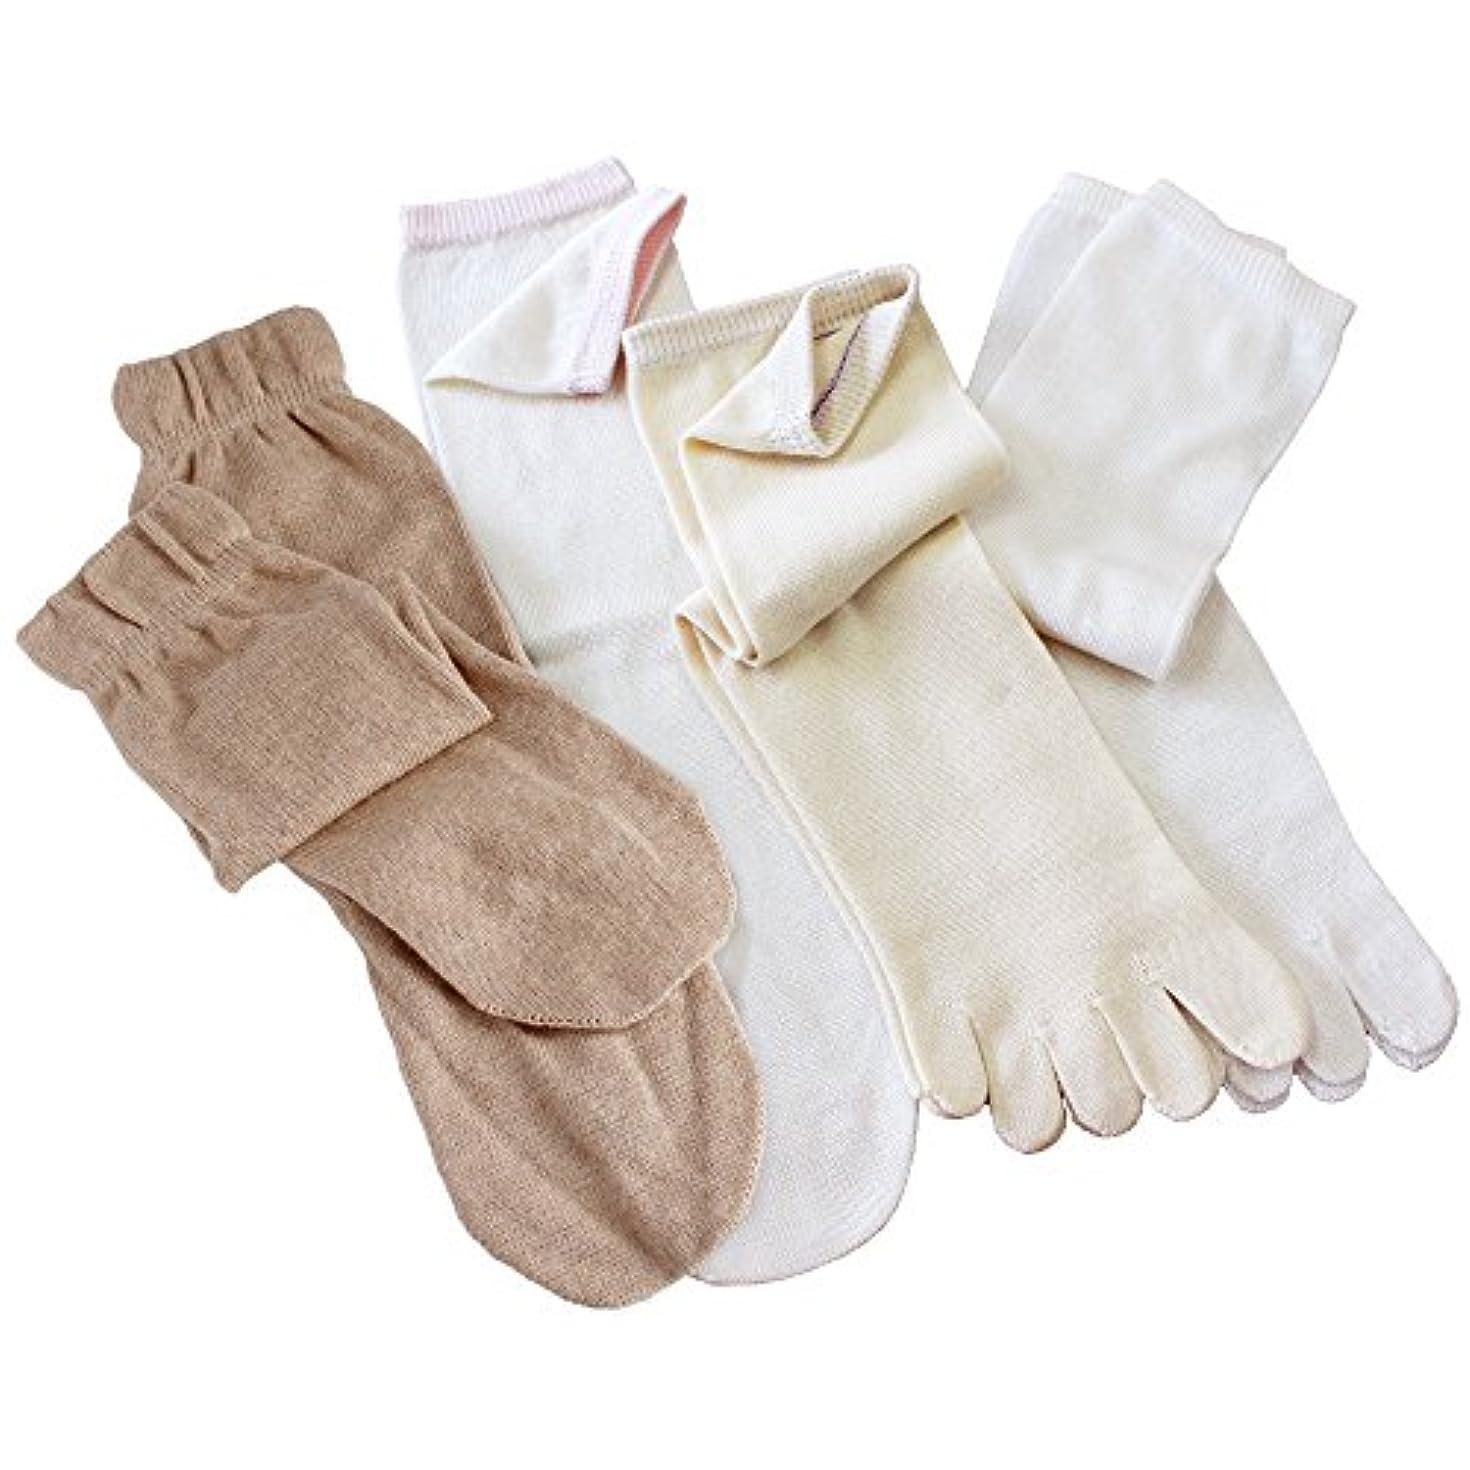 現実的想起四分円hiorie(ヒオリエ) 日本製 冷えとり靴下 シルク&コットン 5本指ソックス(重ねばき専用 4足セット) 正絹 綿